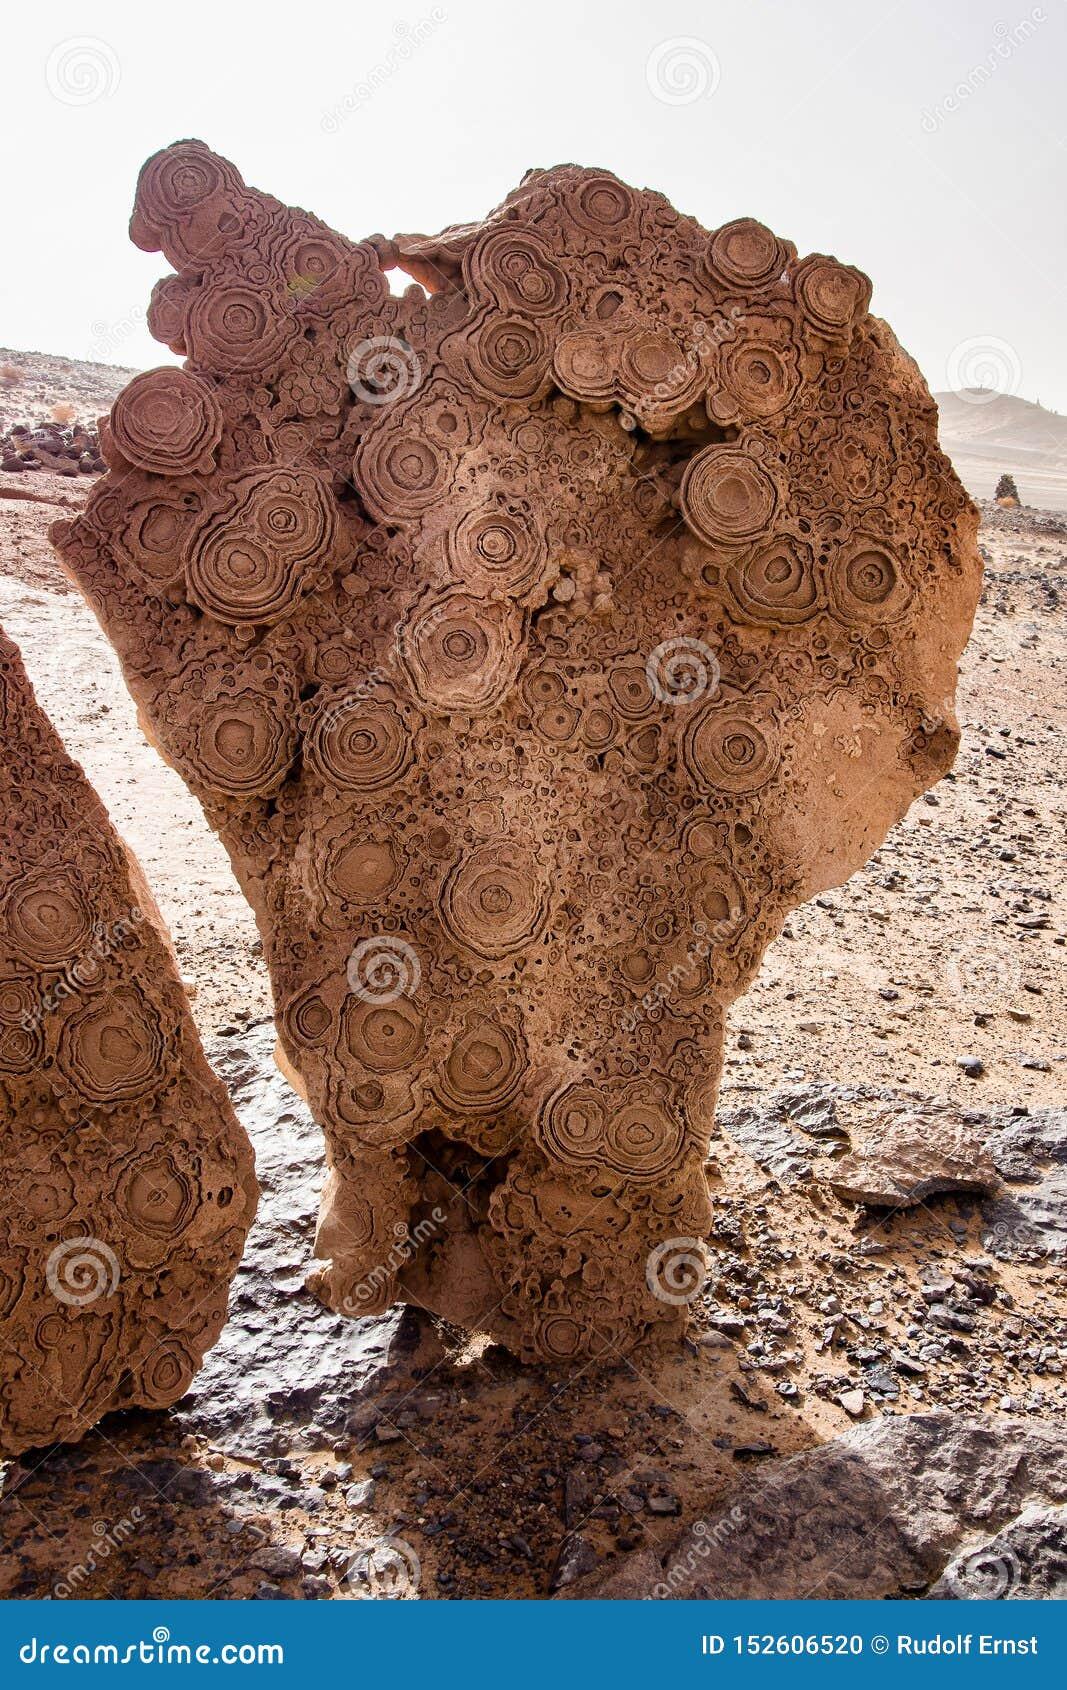 Στους αμμόλοφους Erg Chebbi κοντά σε Merzouga στο νοτιοανατολικό Μαρόκο